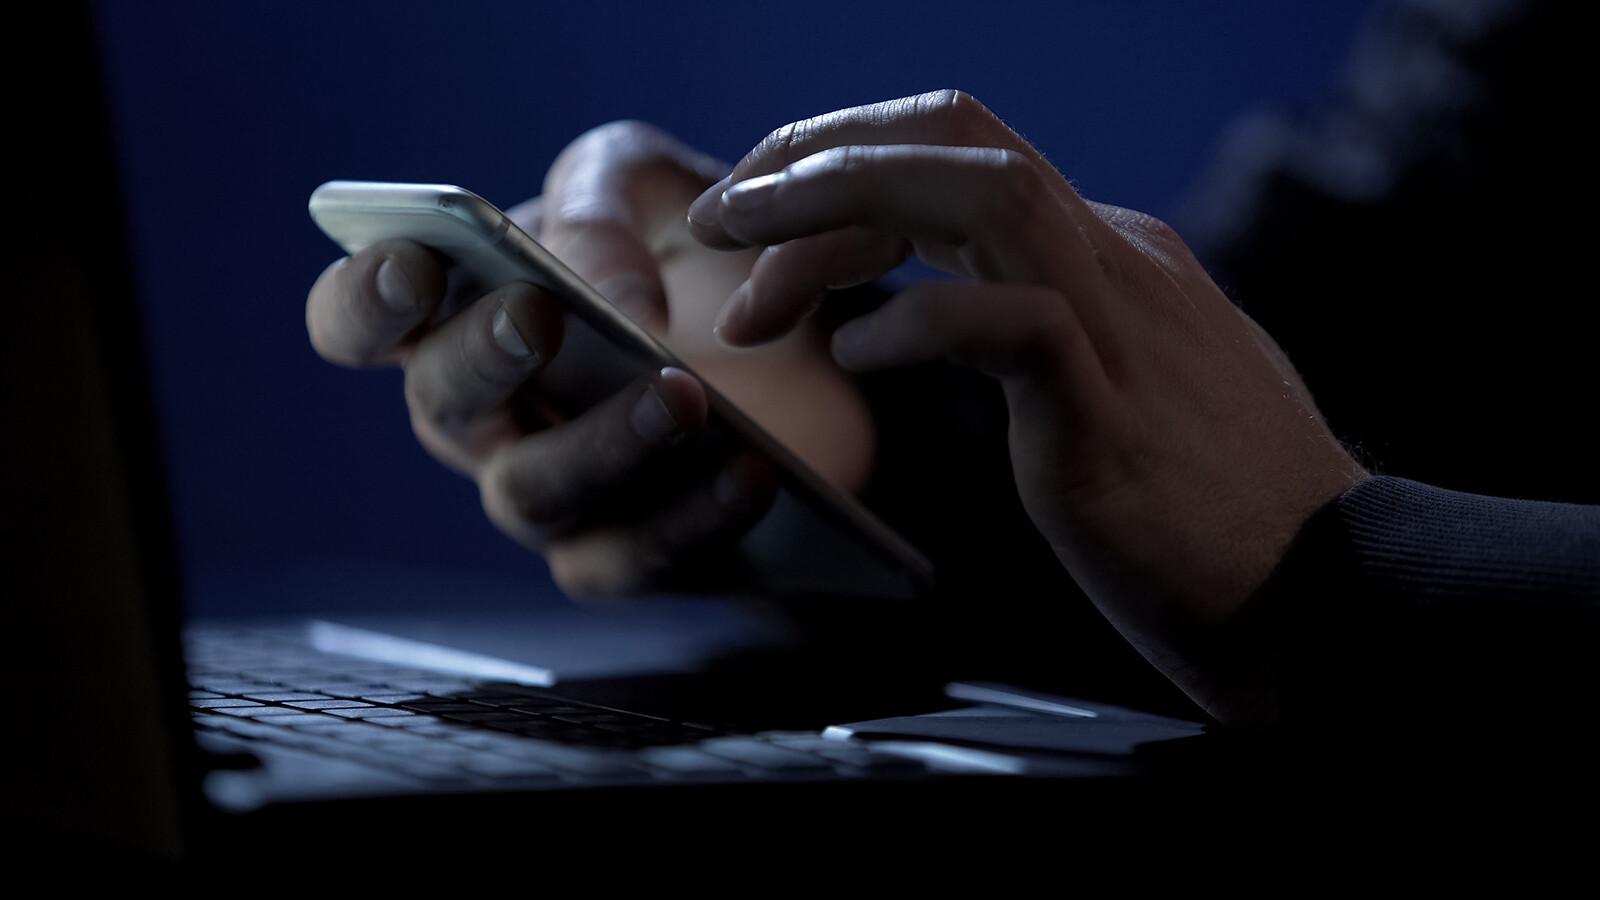 Global phone hacks expose darker side of Israel's 'startup nation' image